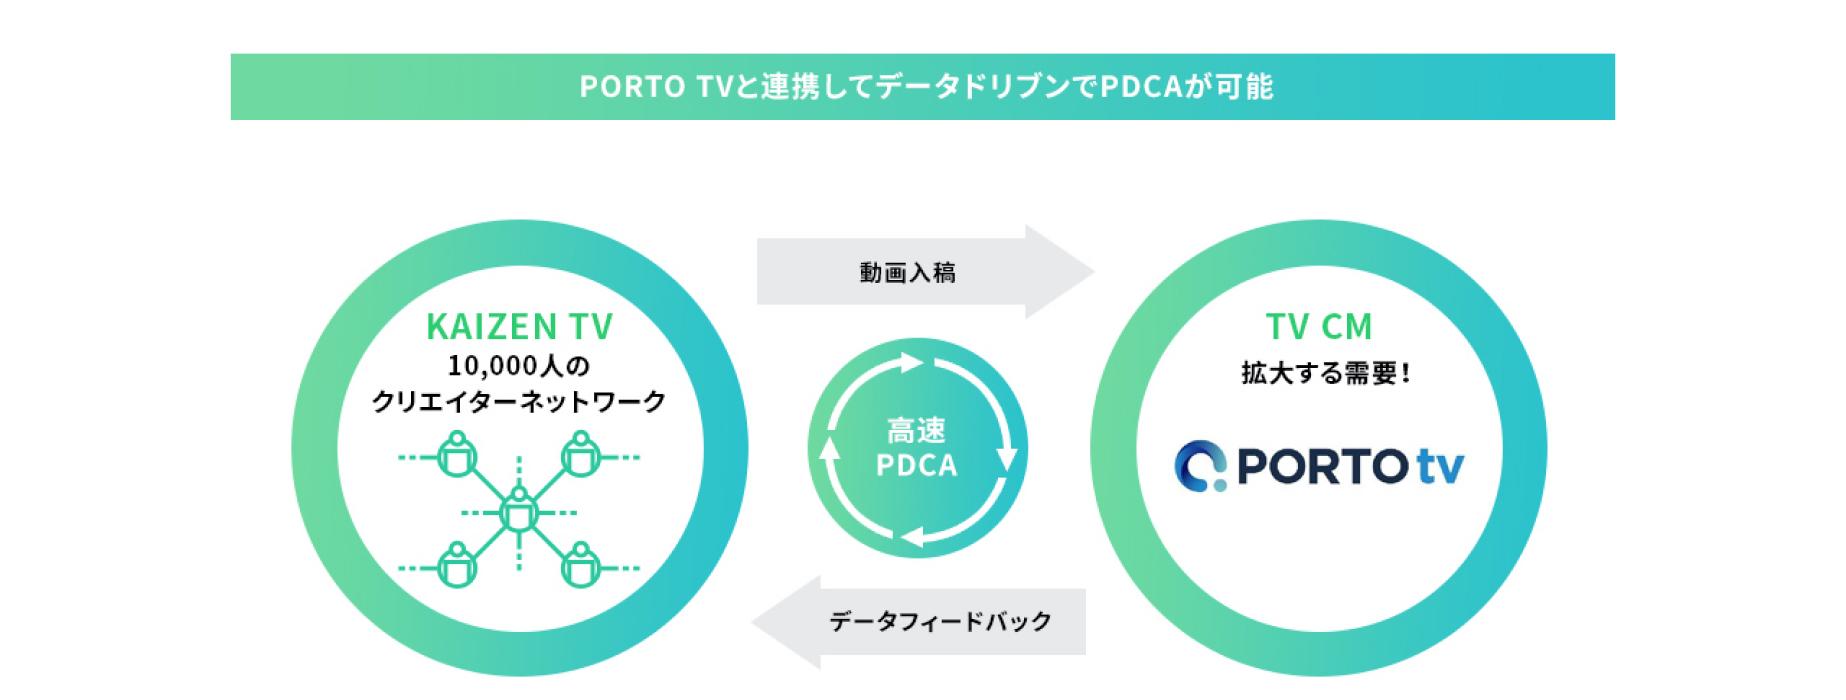 さらに、PORTO TVと連携して高品質なテレビCMの運用を実現